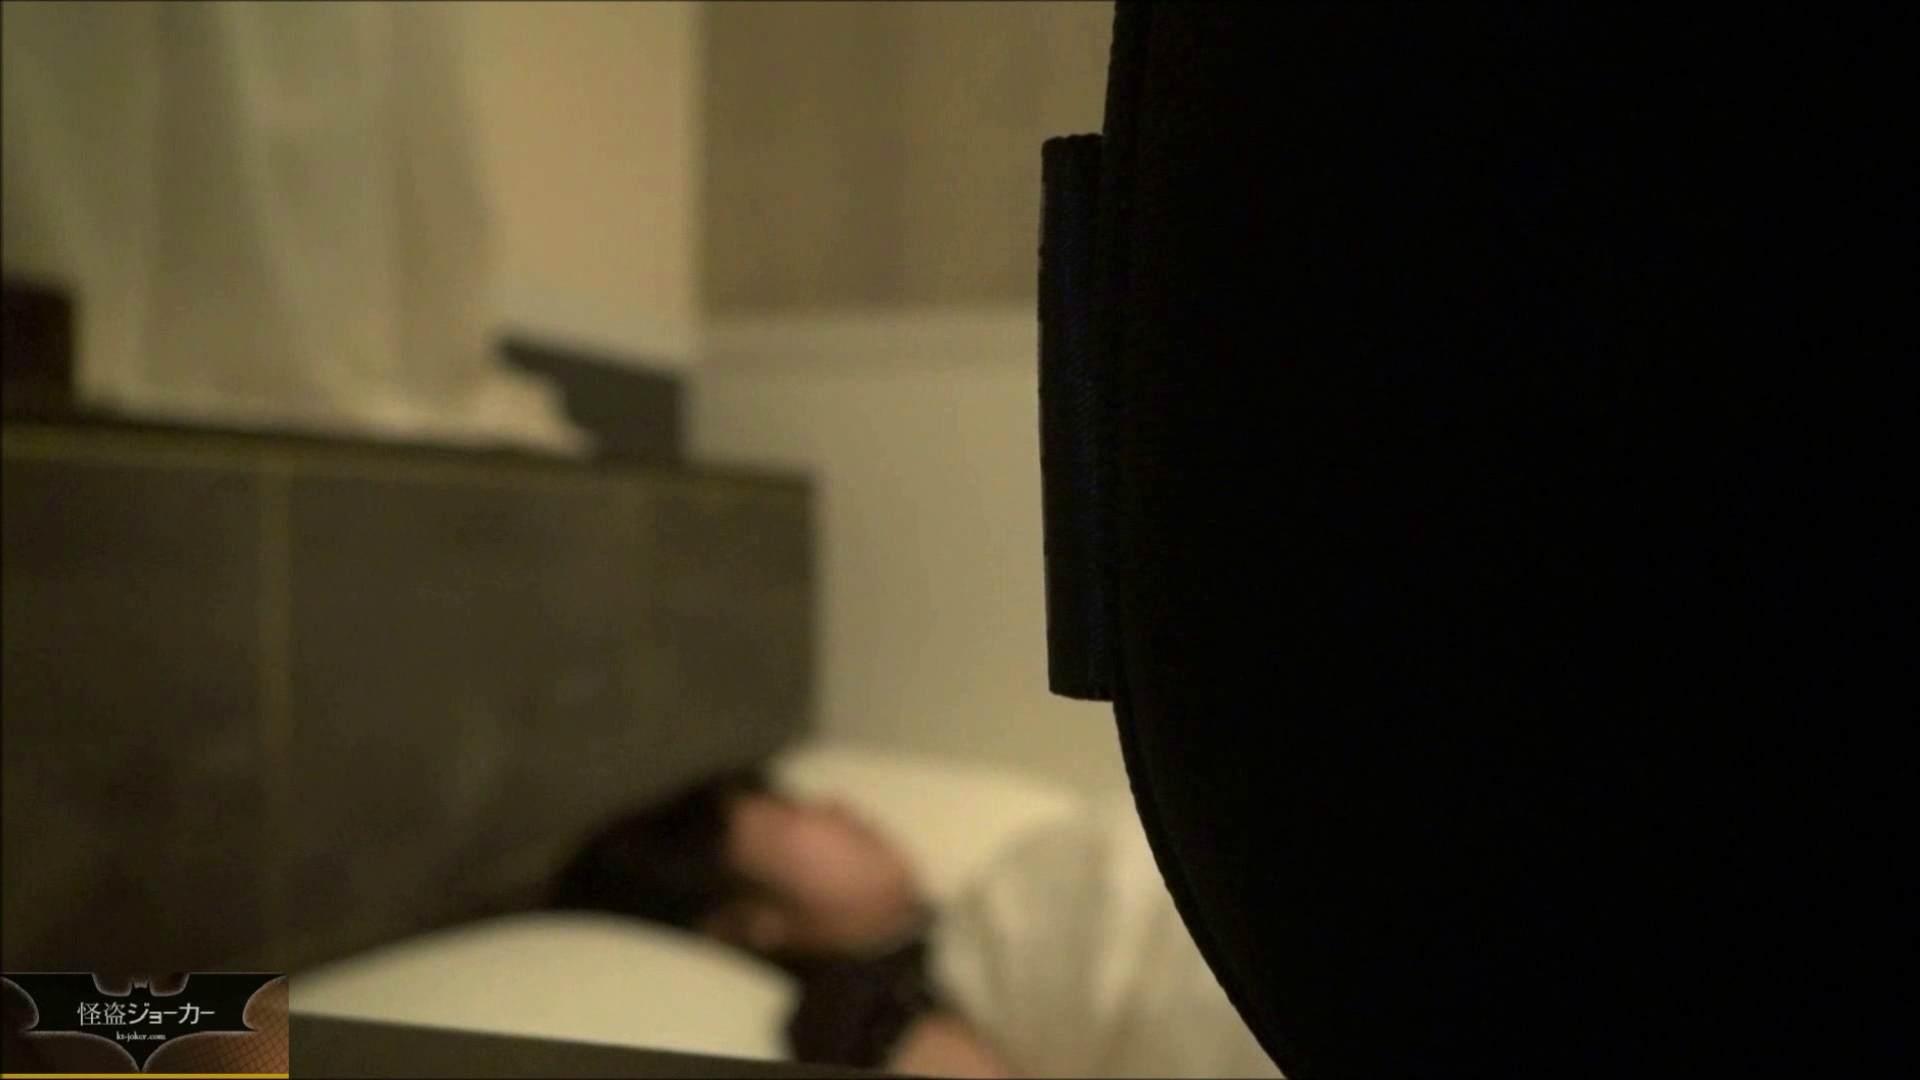 【未公開】vol.27 揉みしだくFカップ乳…足コキ、kyouせいフェラ、生挿入。 友人 AV無料 80pic 31